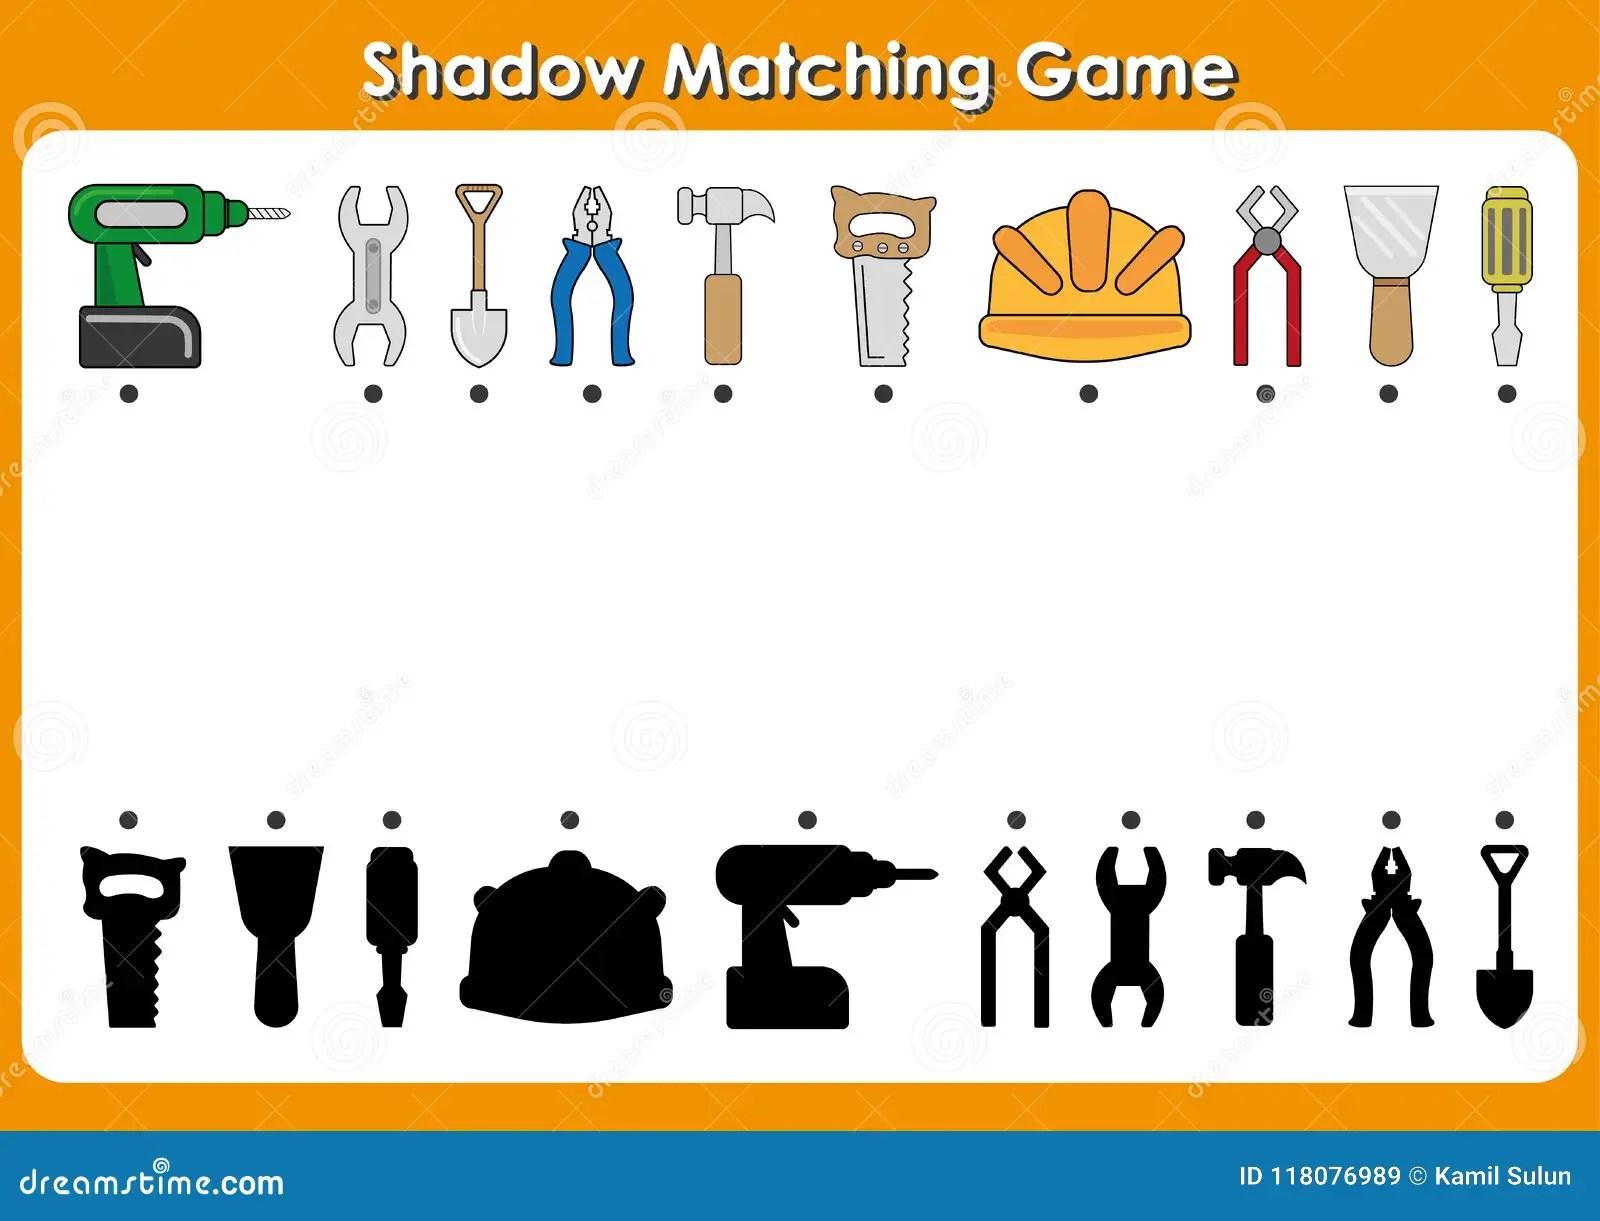 Preschool Worksheet Gallery Preschool Shadow Matching